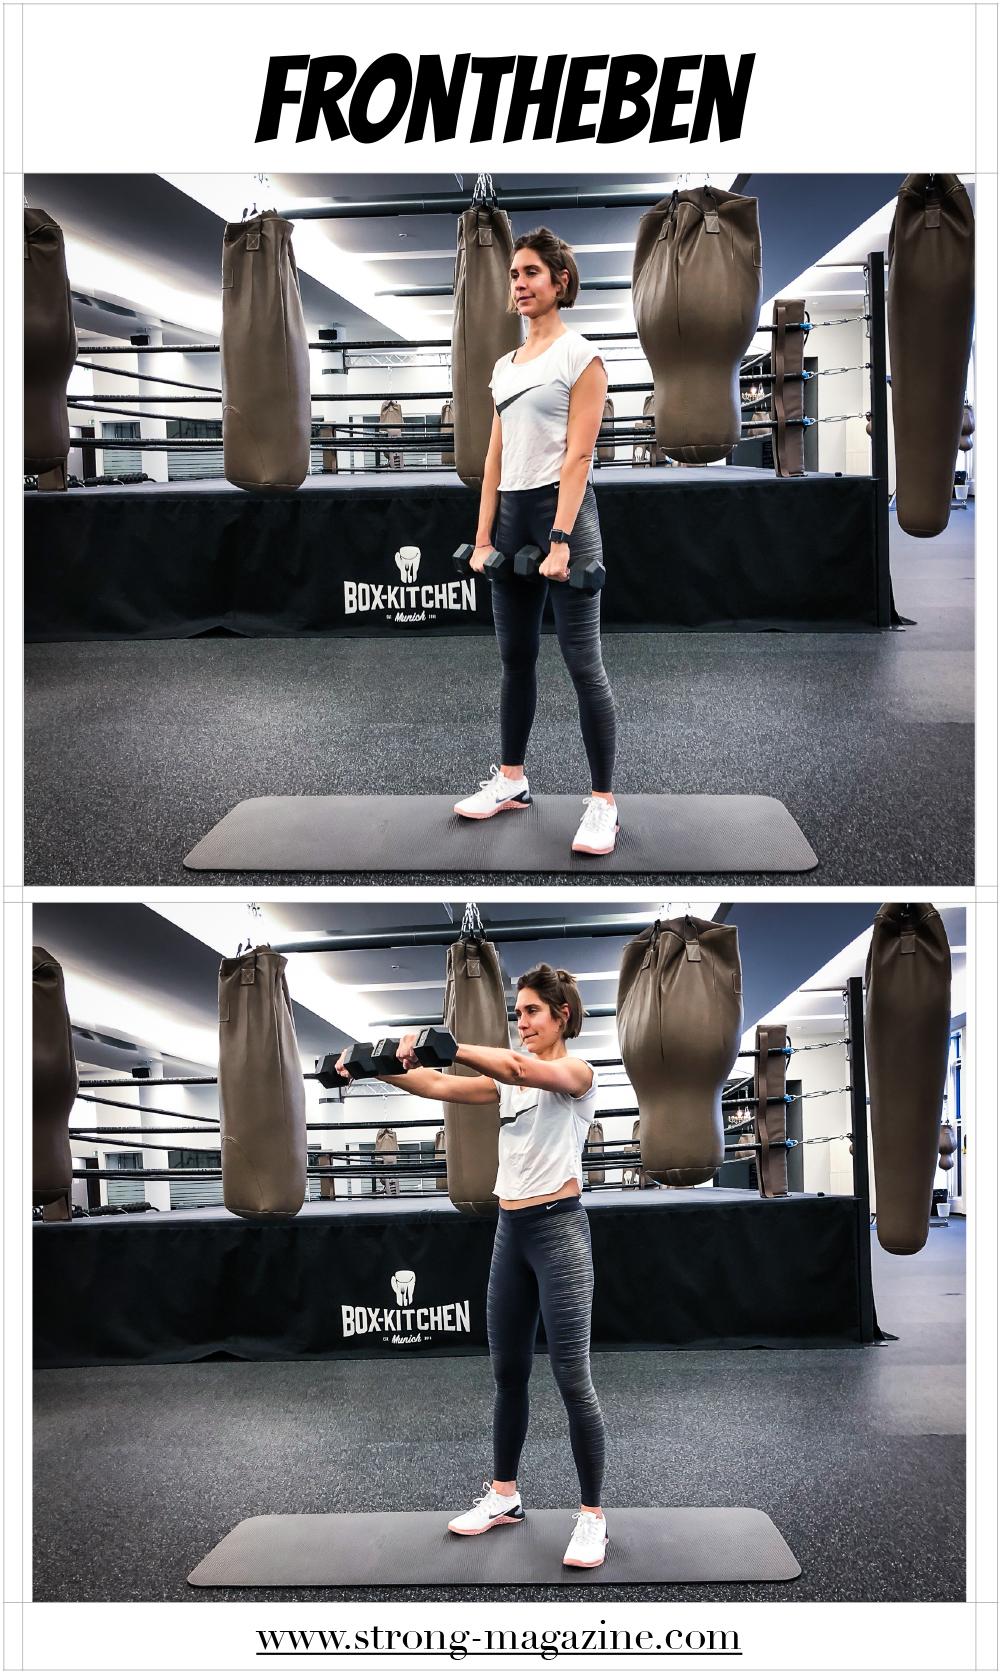 Fitnessübung für die Schultern - Frontheben Anleitung